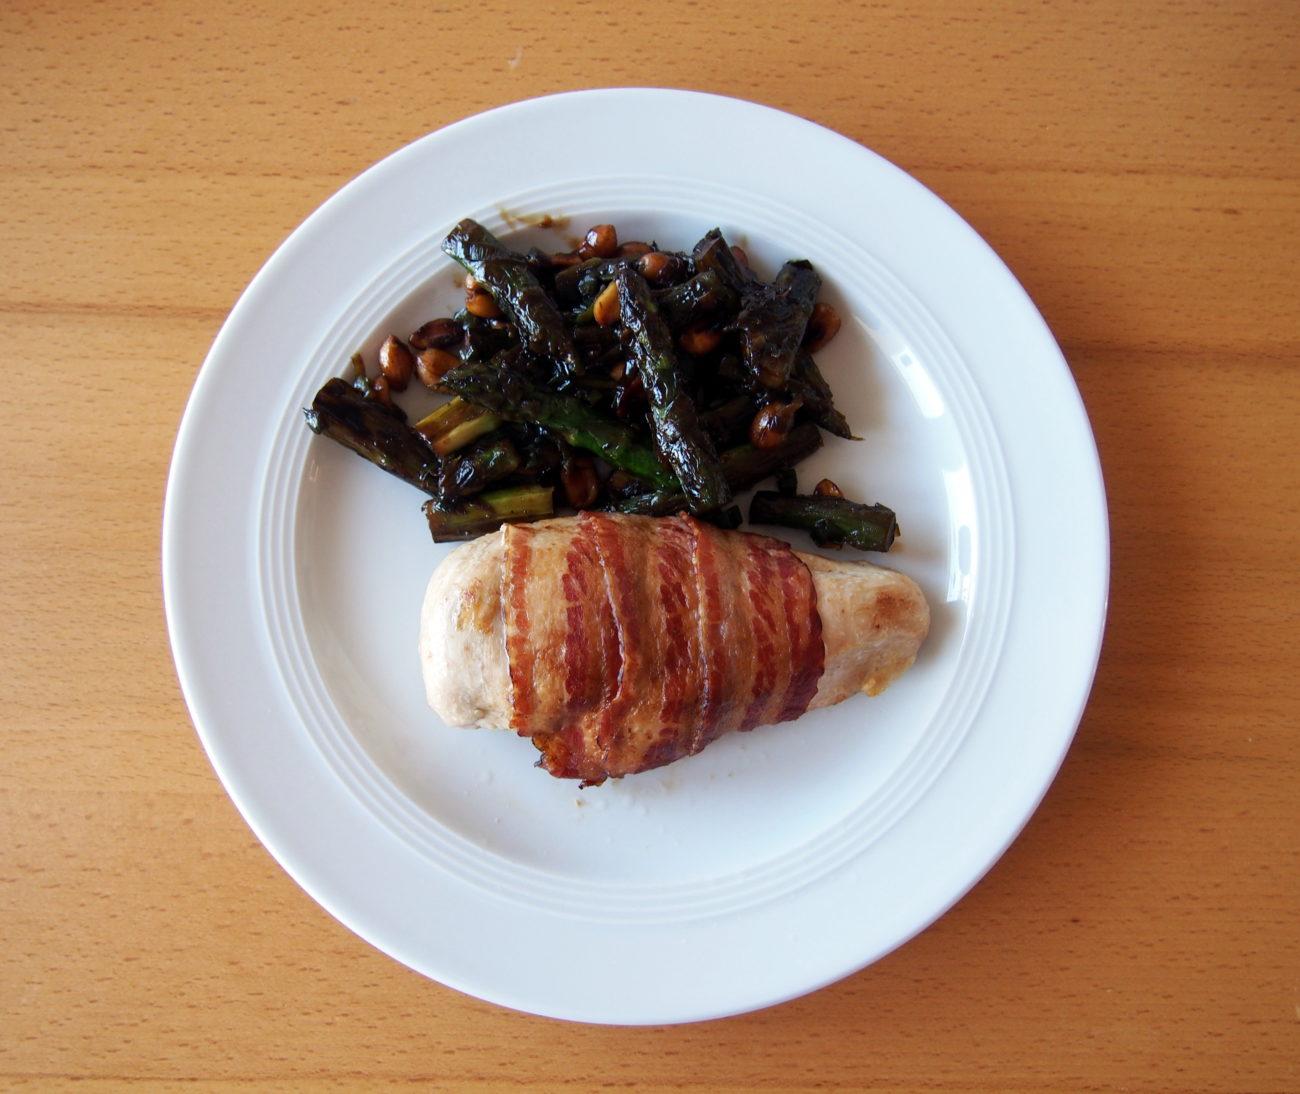 Hähnchenbrust mit Salbei im Speckmantel